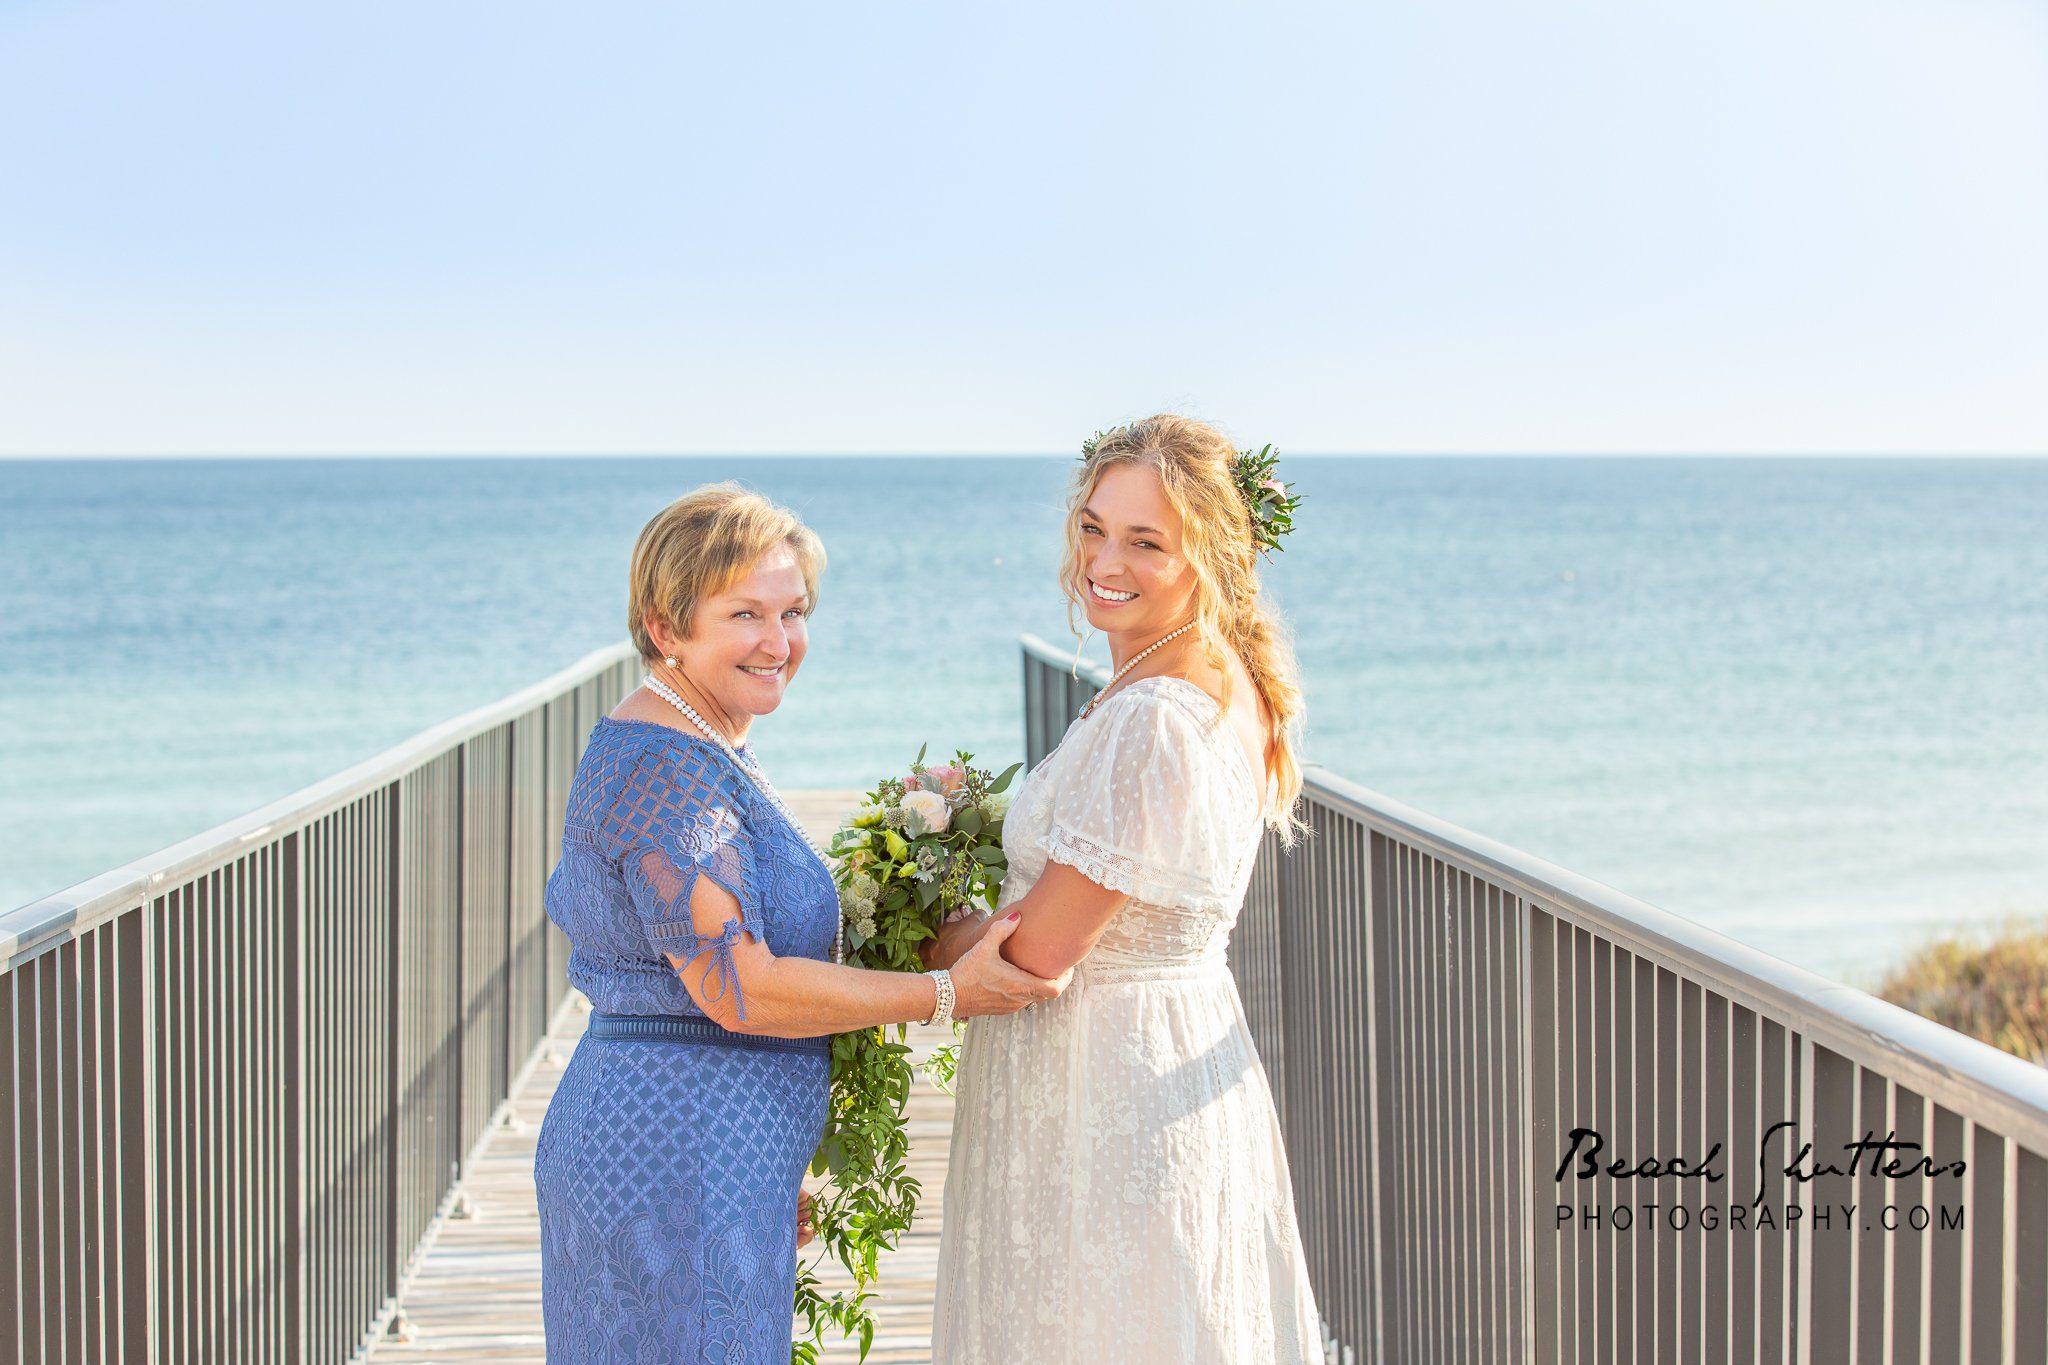 Gulf Shores Alabama wedding photographers